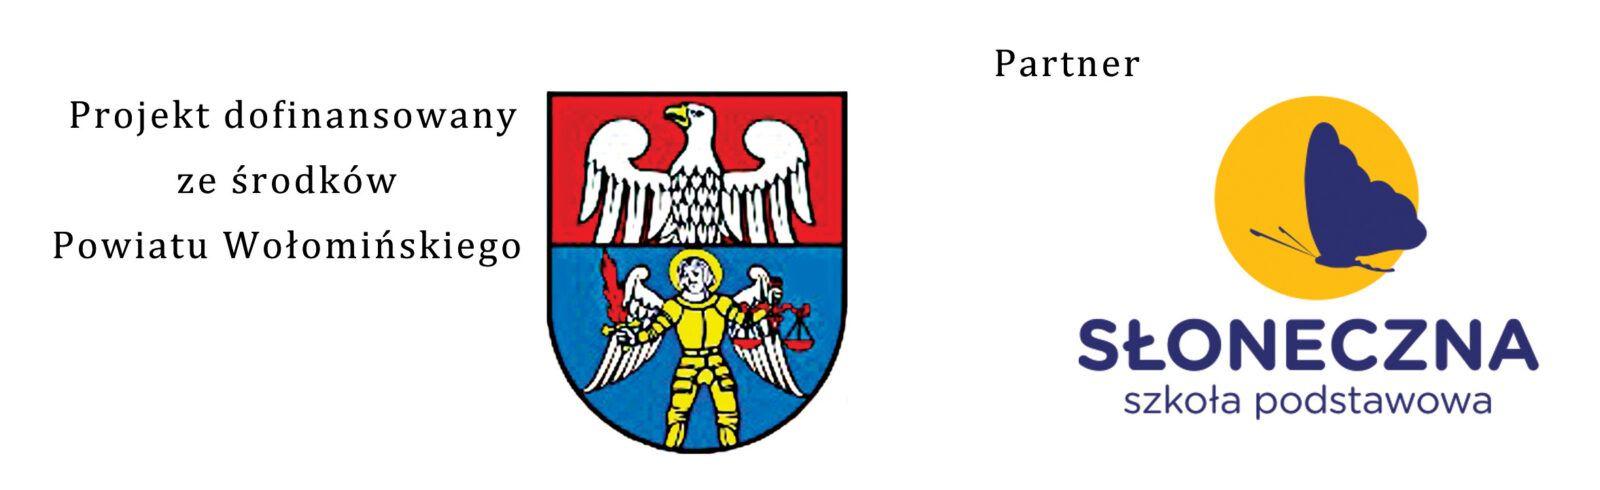 Filharmonia-dla-dzieci-powiat-wolominski-2019-kobyłka-zielonka